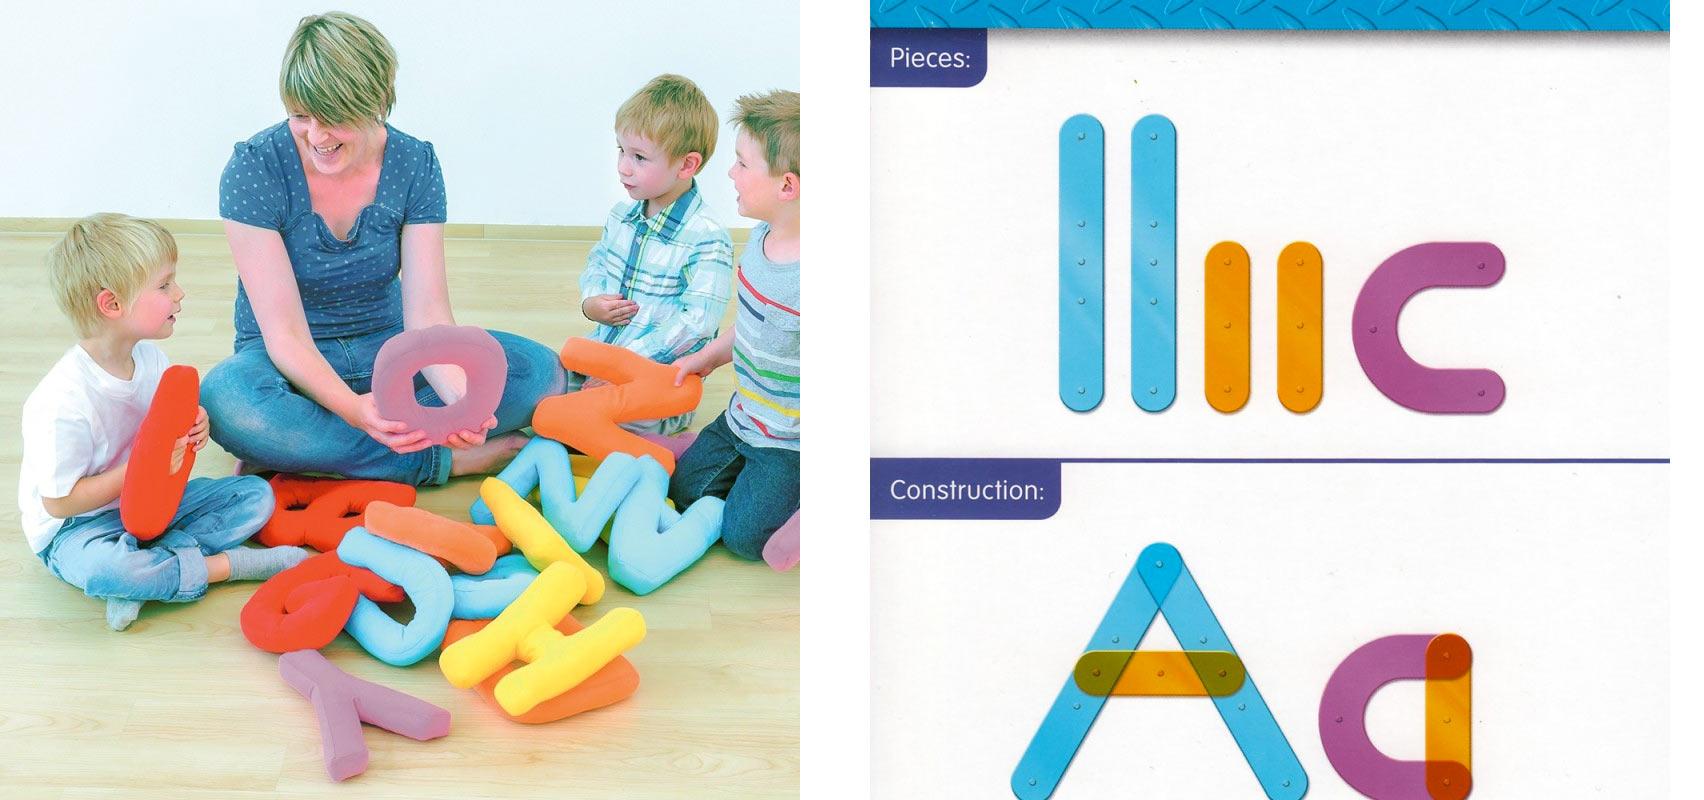 Appréhender L'alphabet Et Les Lettres En Jouant Grâce Au Jeu à Apprendre Les Lettres En Jouant